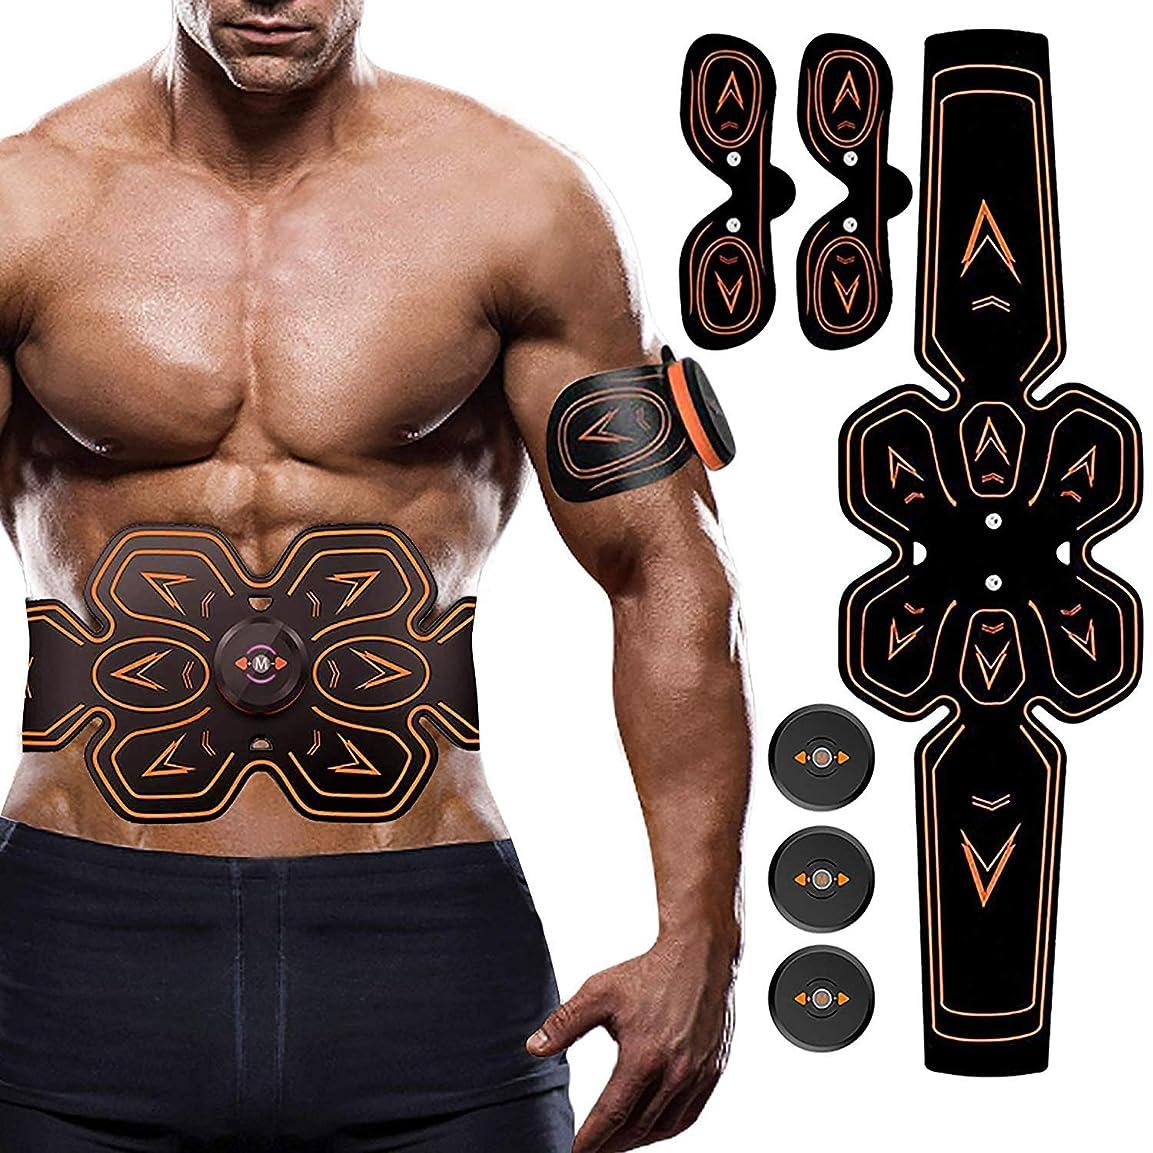 盗難埋め込む現実には電気腹部筋肉刺激装置、ABSウエストトレーナーフィットネス減量体重減少マッサージャー用男性と女性の脂肪燃焼